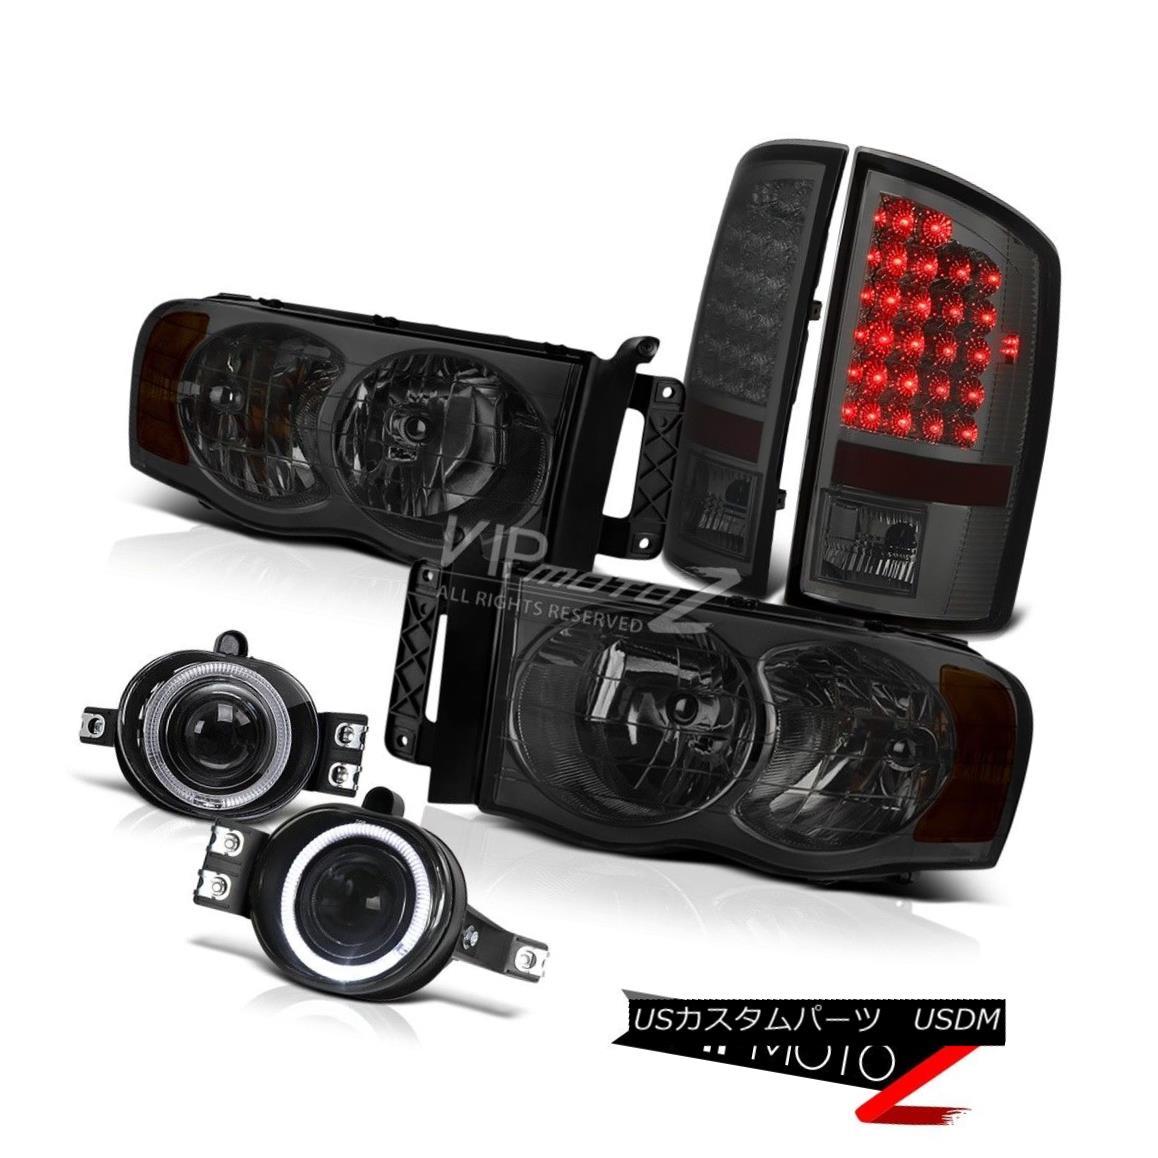 ヘッドライト 2002-2005 Dodge Ram 1500 SET SMOKE HeadLight SMOKE LED TAIL LIGHT HALO FOG Lamp 2002-2005ダッジラム1500セットSMOKEヘッドライトSMOKE LEDテールライトハローFOGランプ